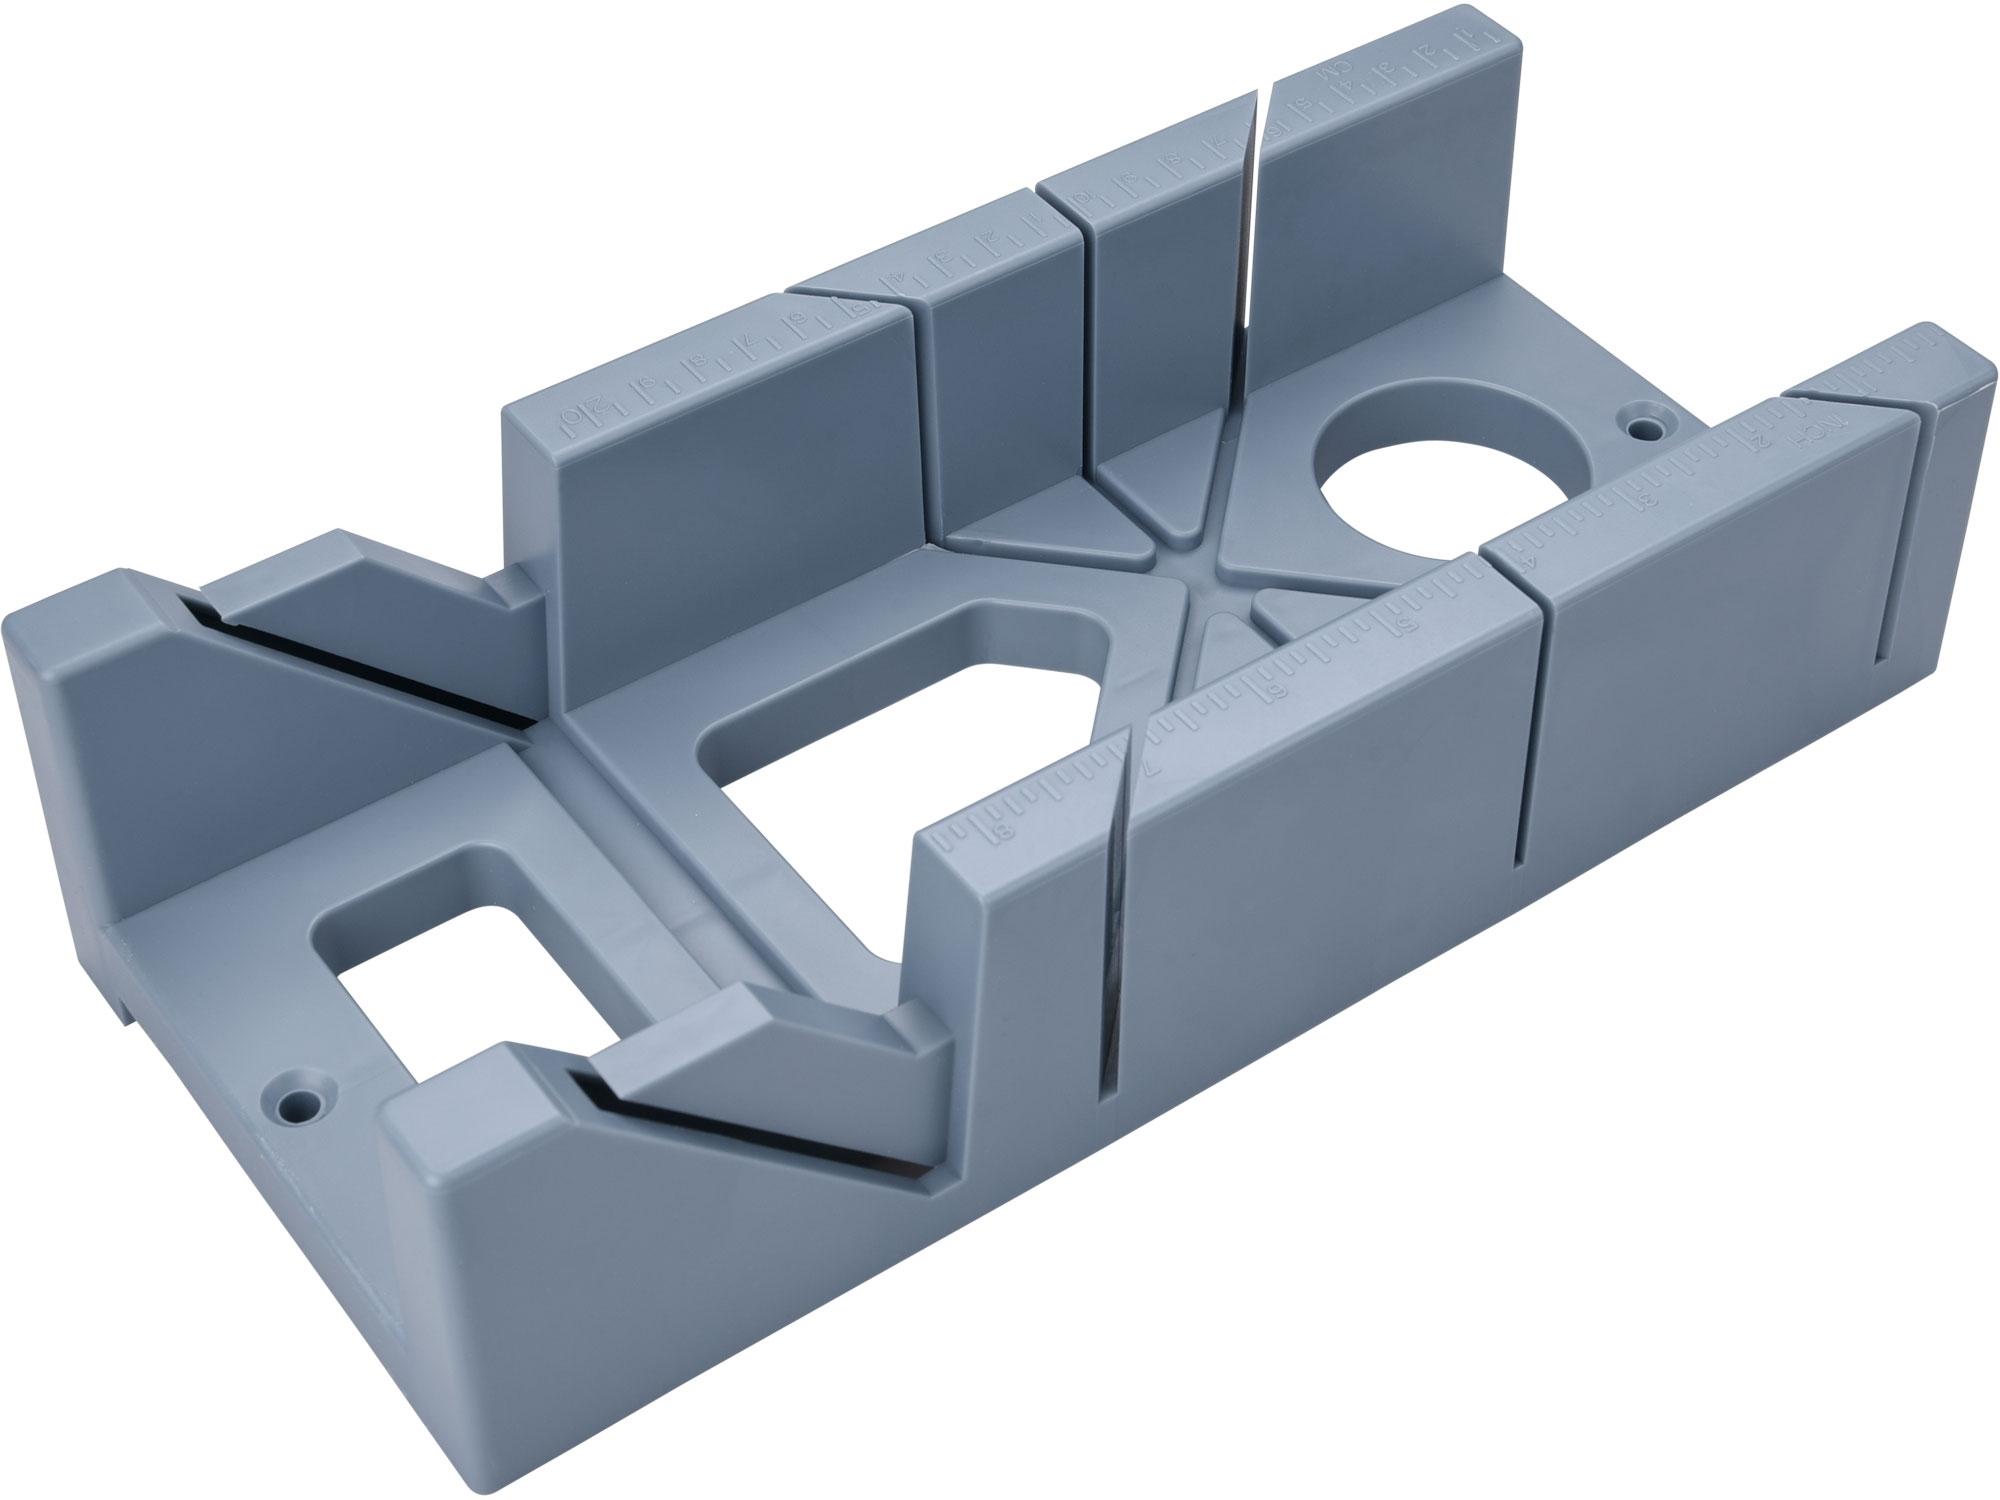 přípravek na řezání úhlů plastový, 300x140x70mm, EXTOL PREMIUM 8812290